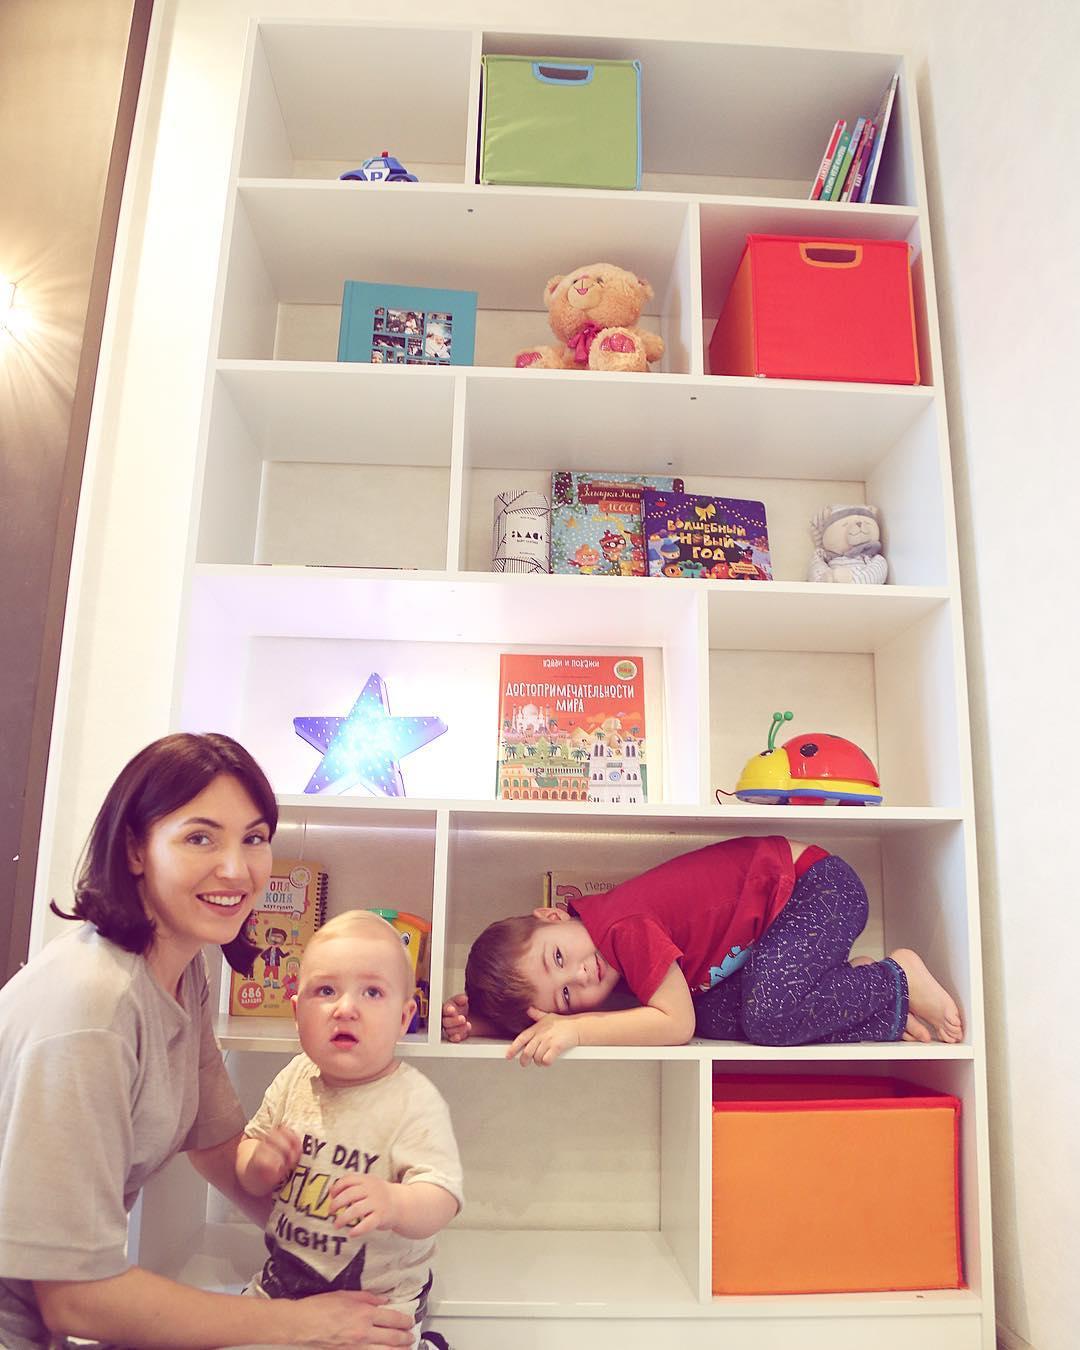 Стеллаж в детской комнате: фото